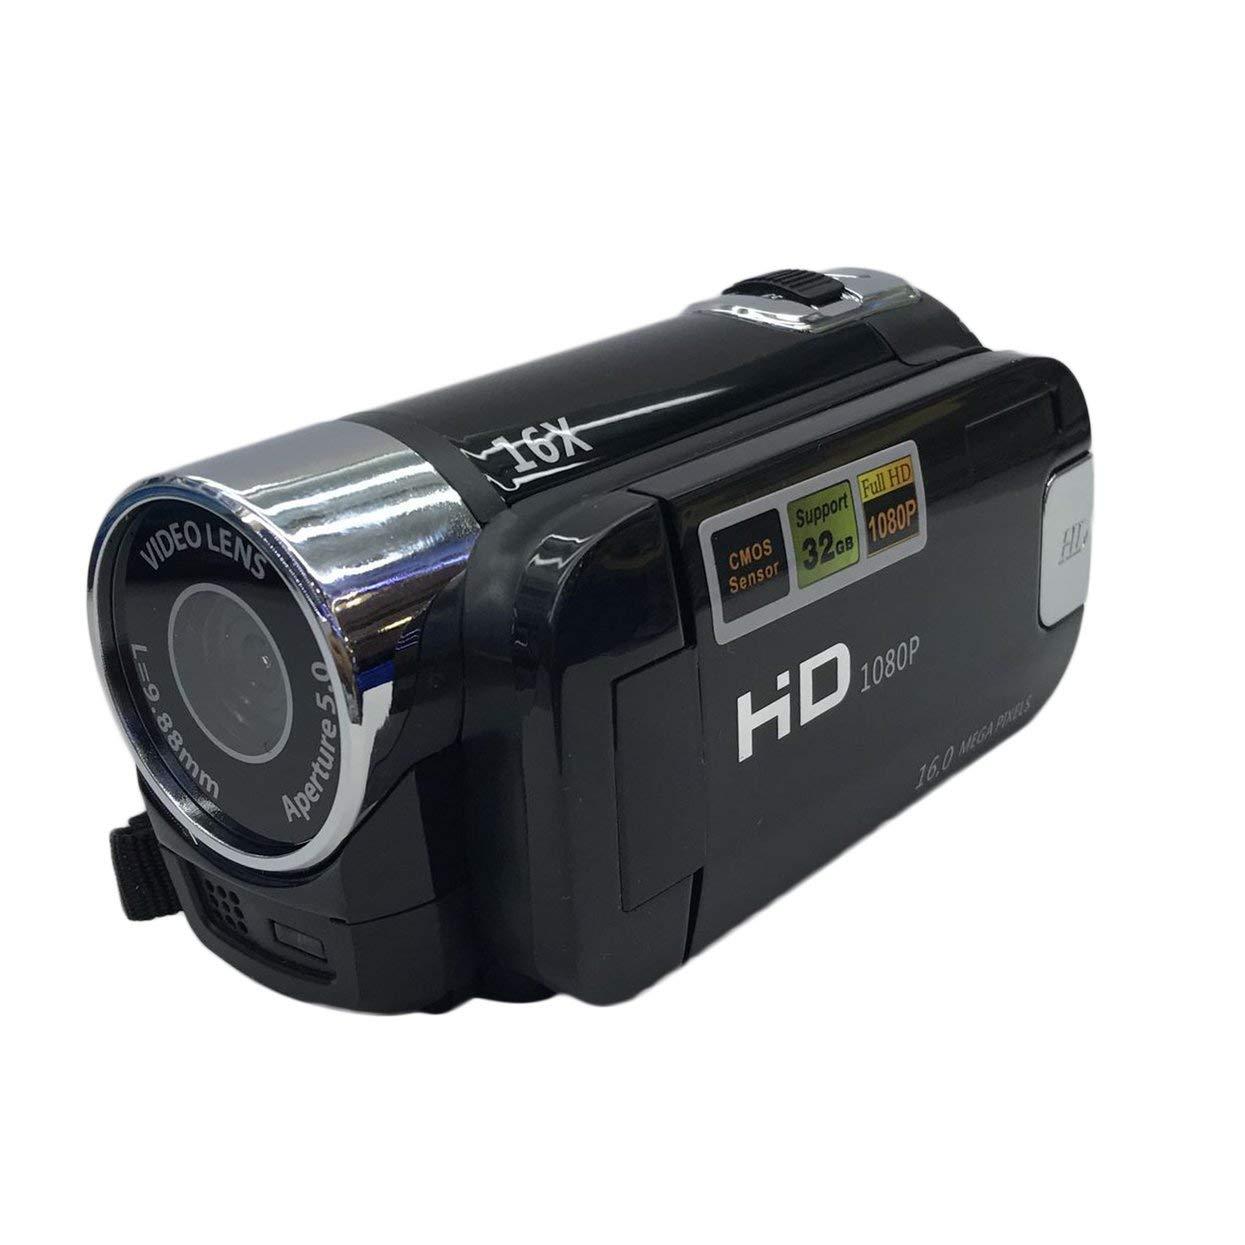 Cámara de Video Digital HD-100 Full HD 1080P Pantalla TFT de 2.7 Pulgadas Pantalla portátil de 16.0 megapíxeles Mini DV para Uso en el hogar